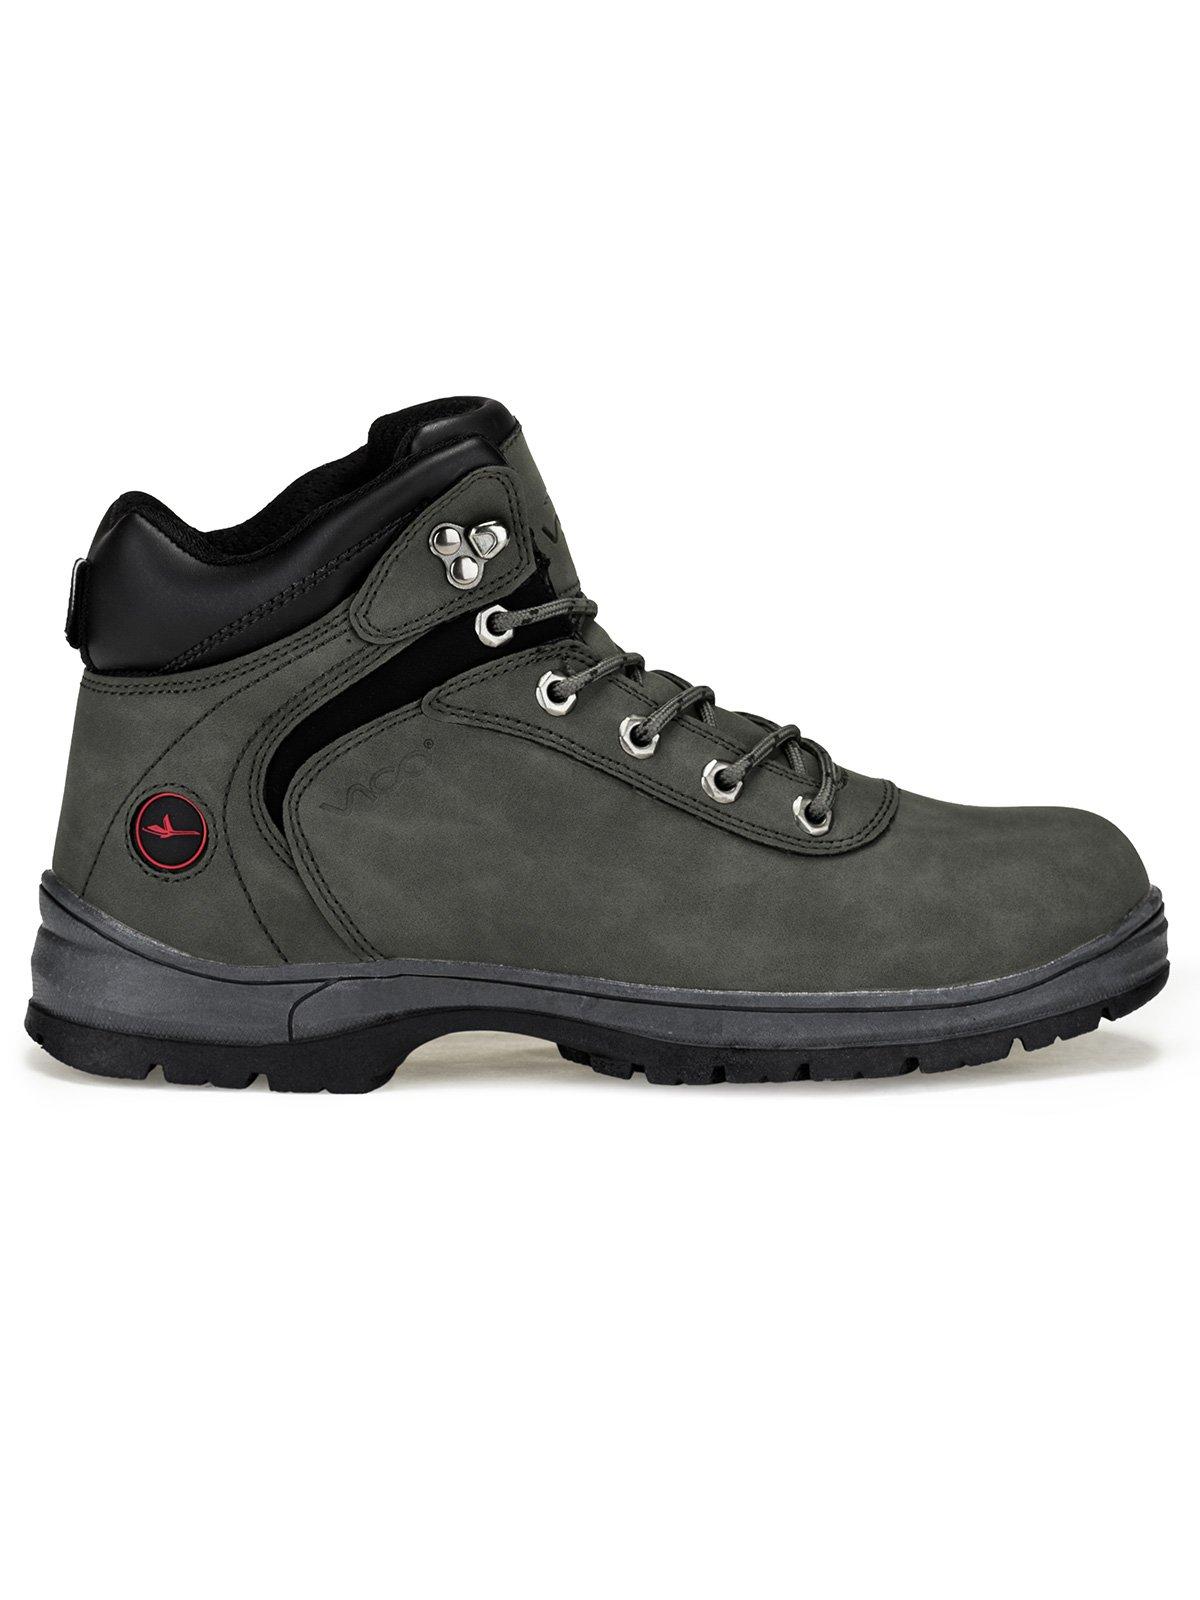 Men's winter boots T250 - dark grey